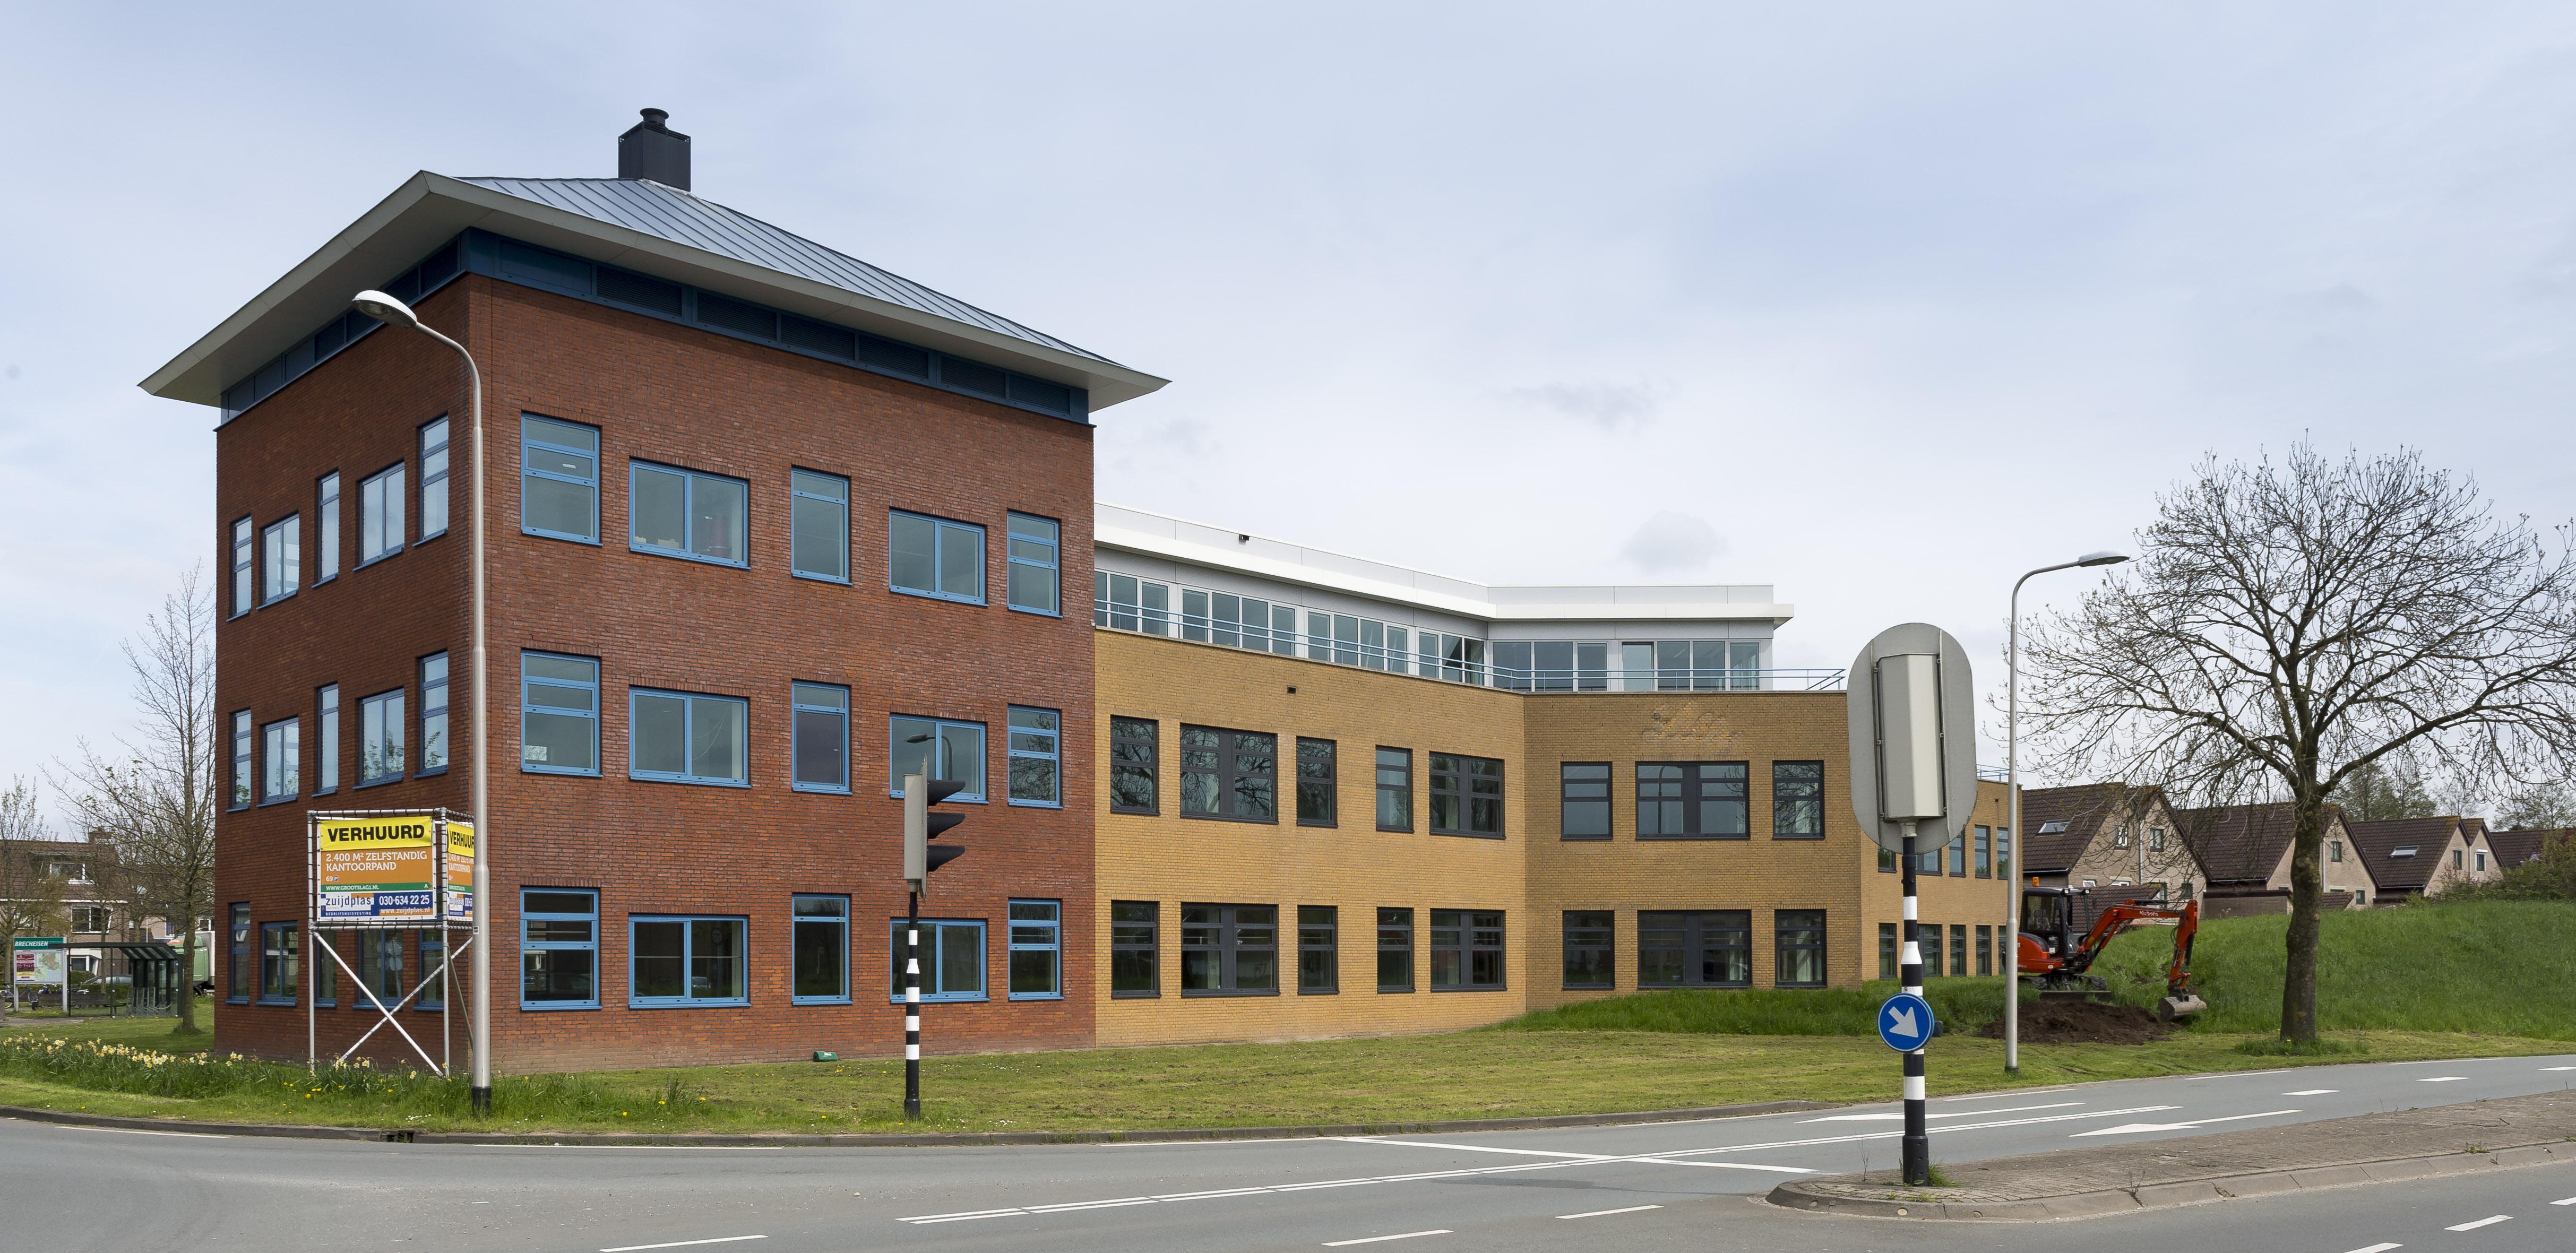 hornbach opent vestiging in houten hornbach newsroom